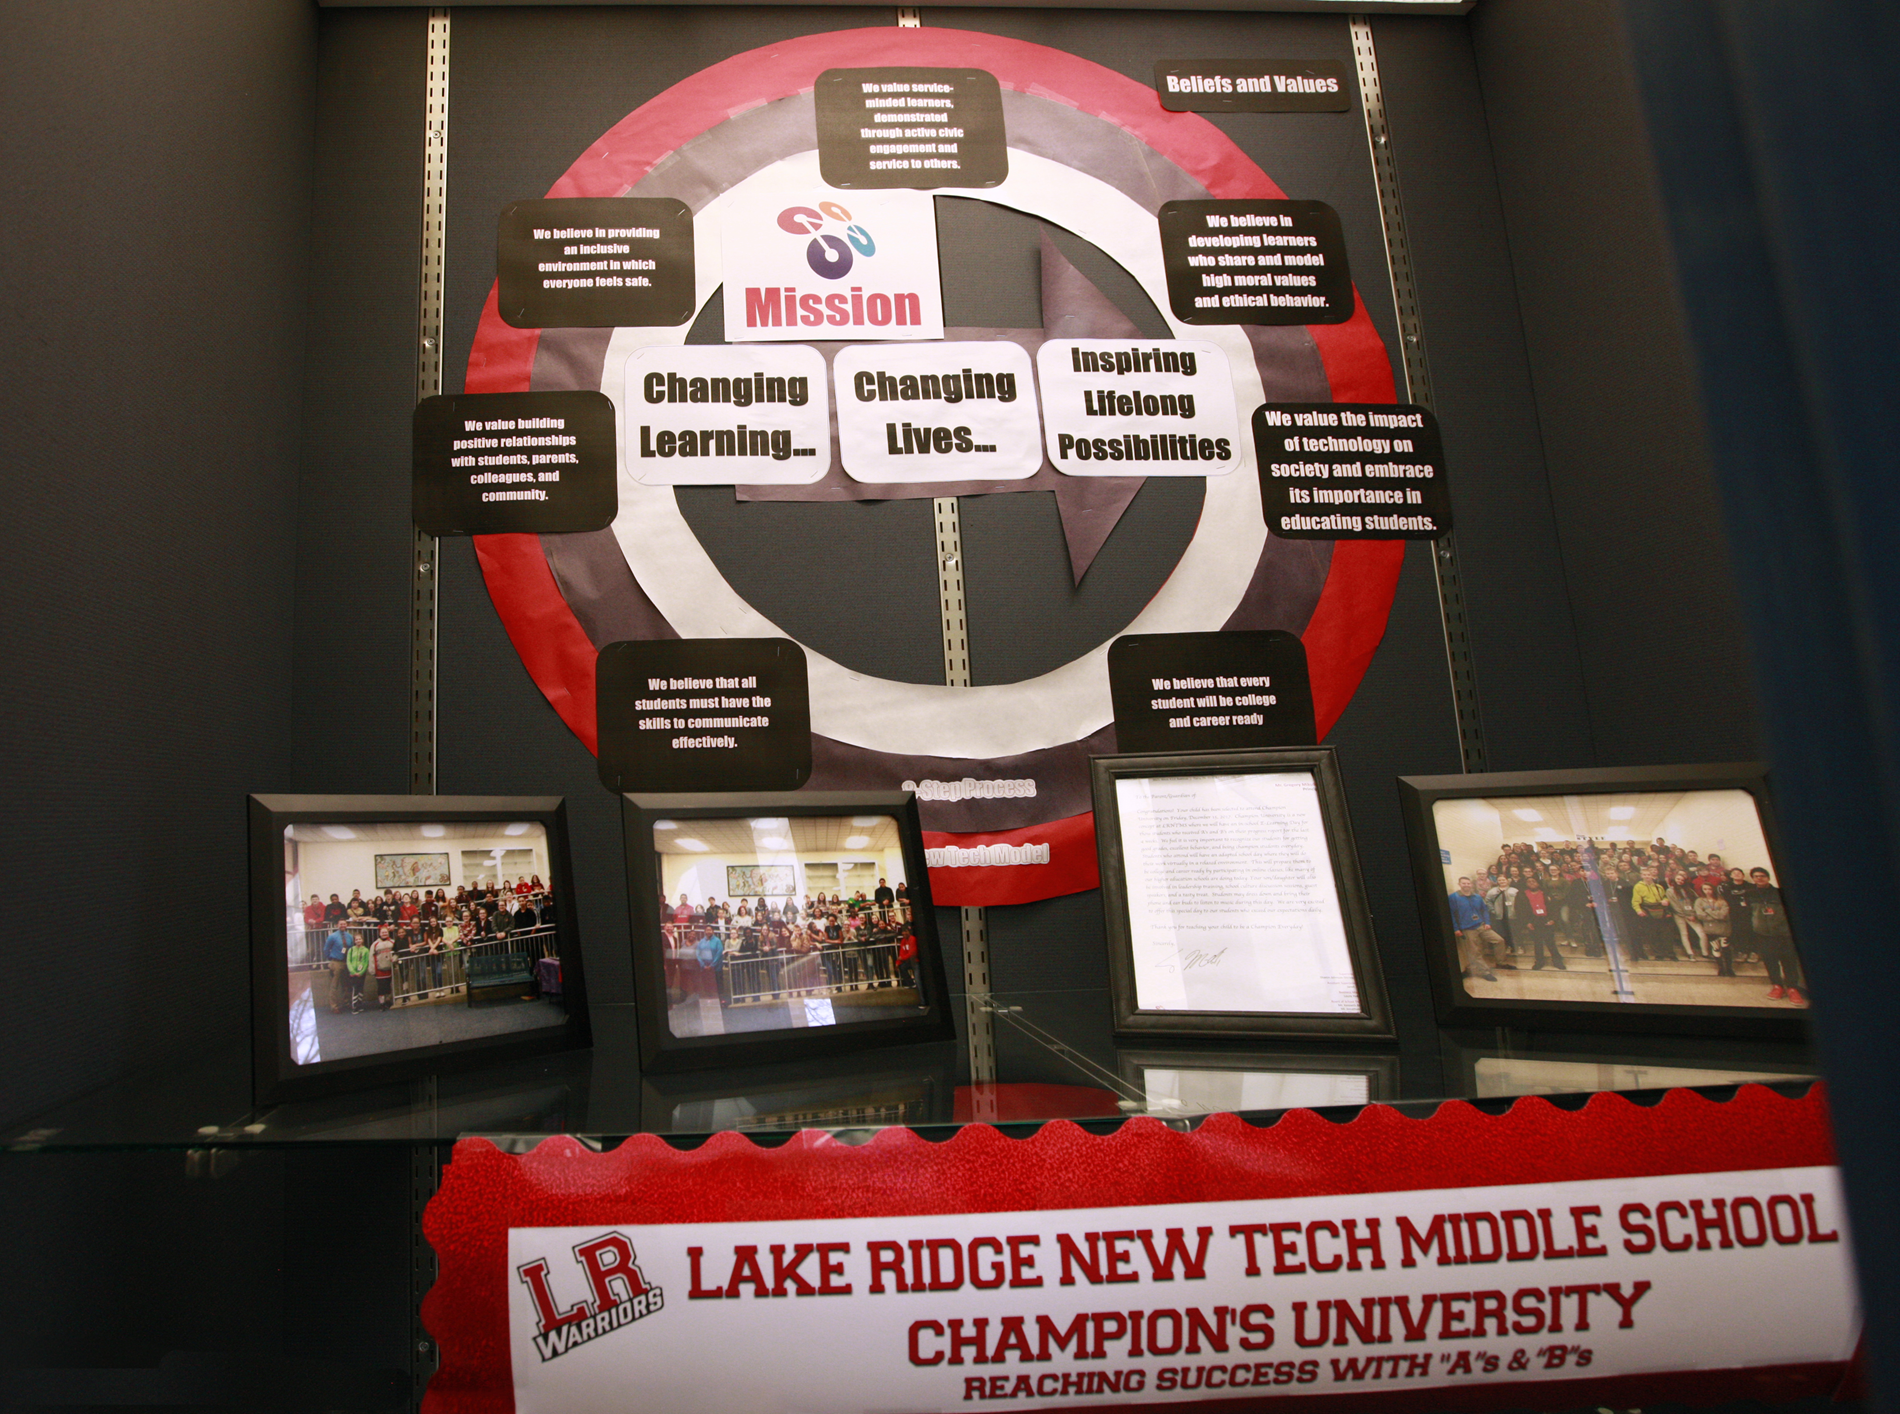 Lake Ridge Strategic Plan